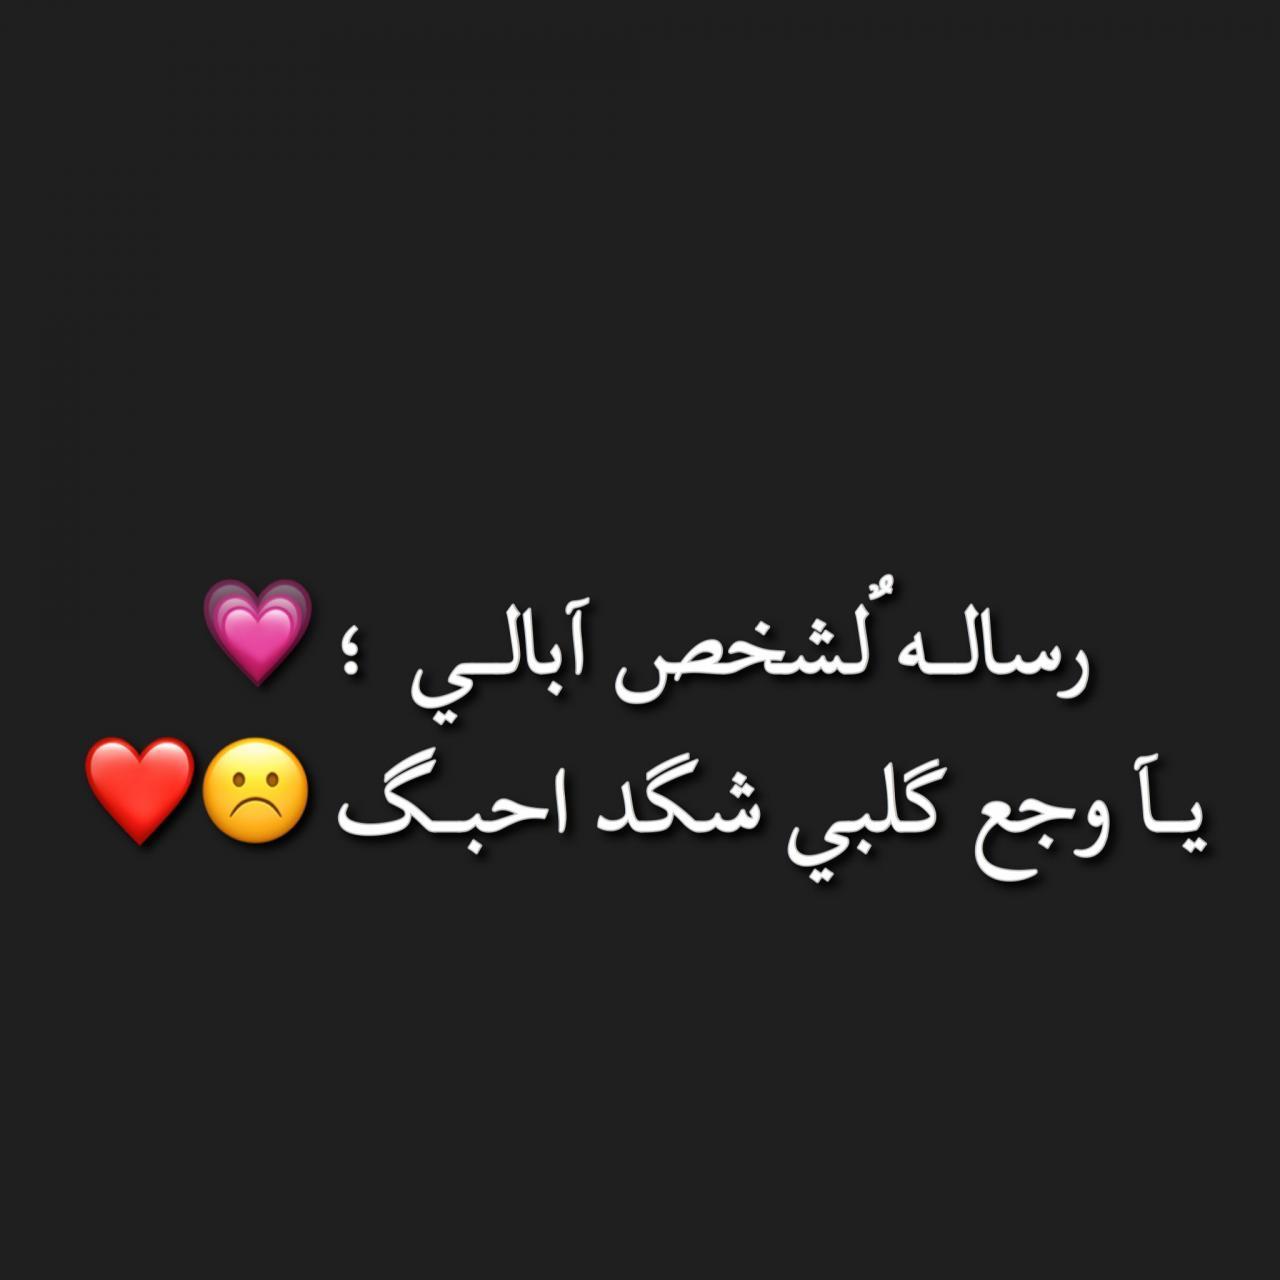 شعر عراقي عتاب حزين شهد 3